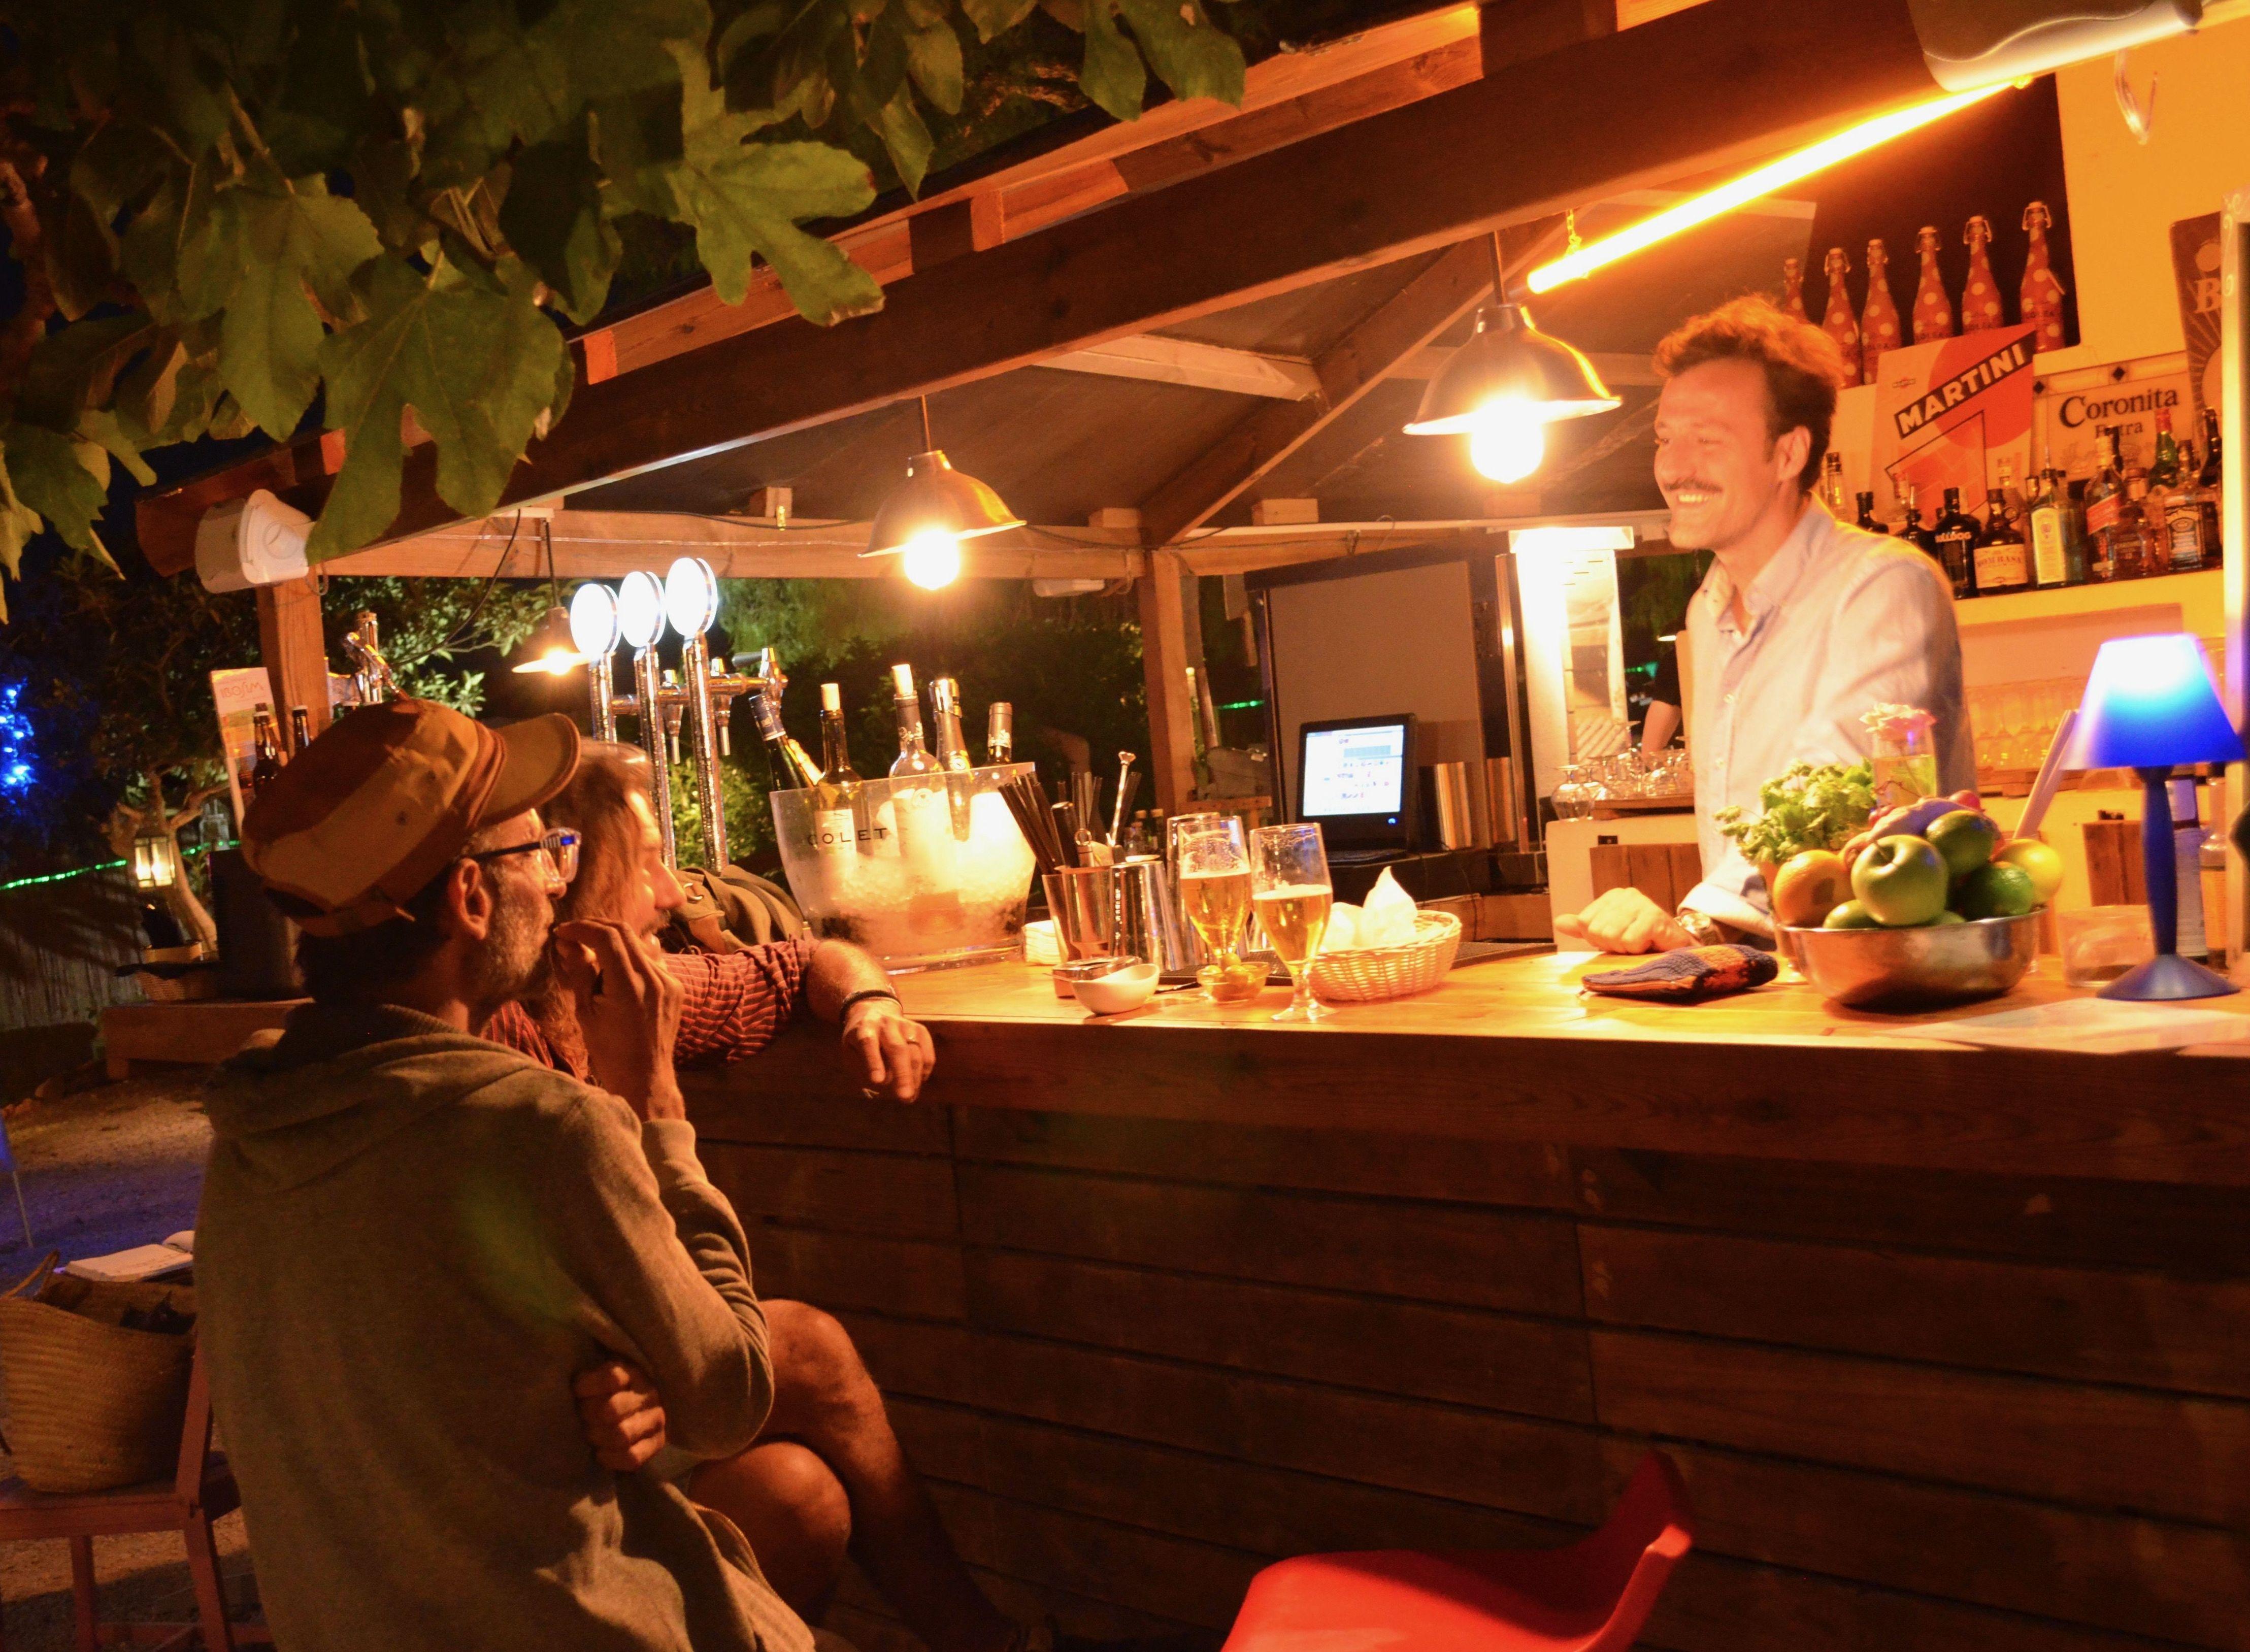 Foto 11 de Cocina mediterránea en Santa Eulària des Riu | Restaurante Parrilla con huerto propio (ESTAMOS CERRADOS HASTA EL 01/04/2019)